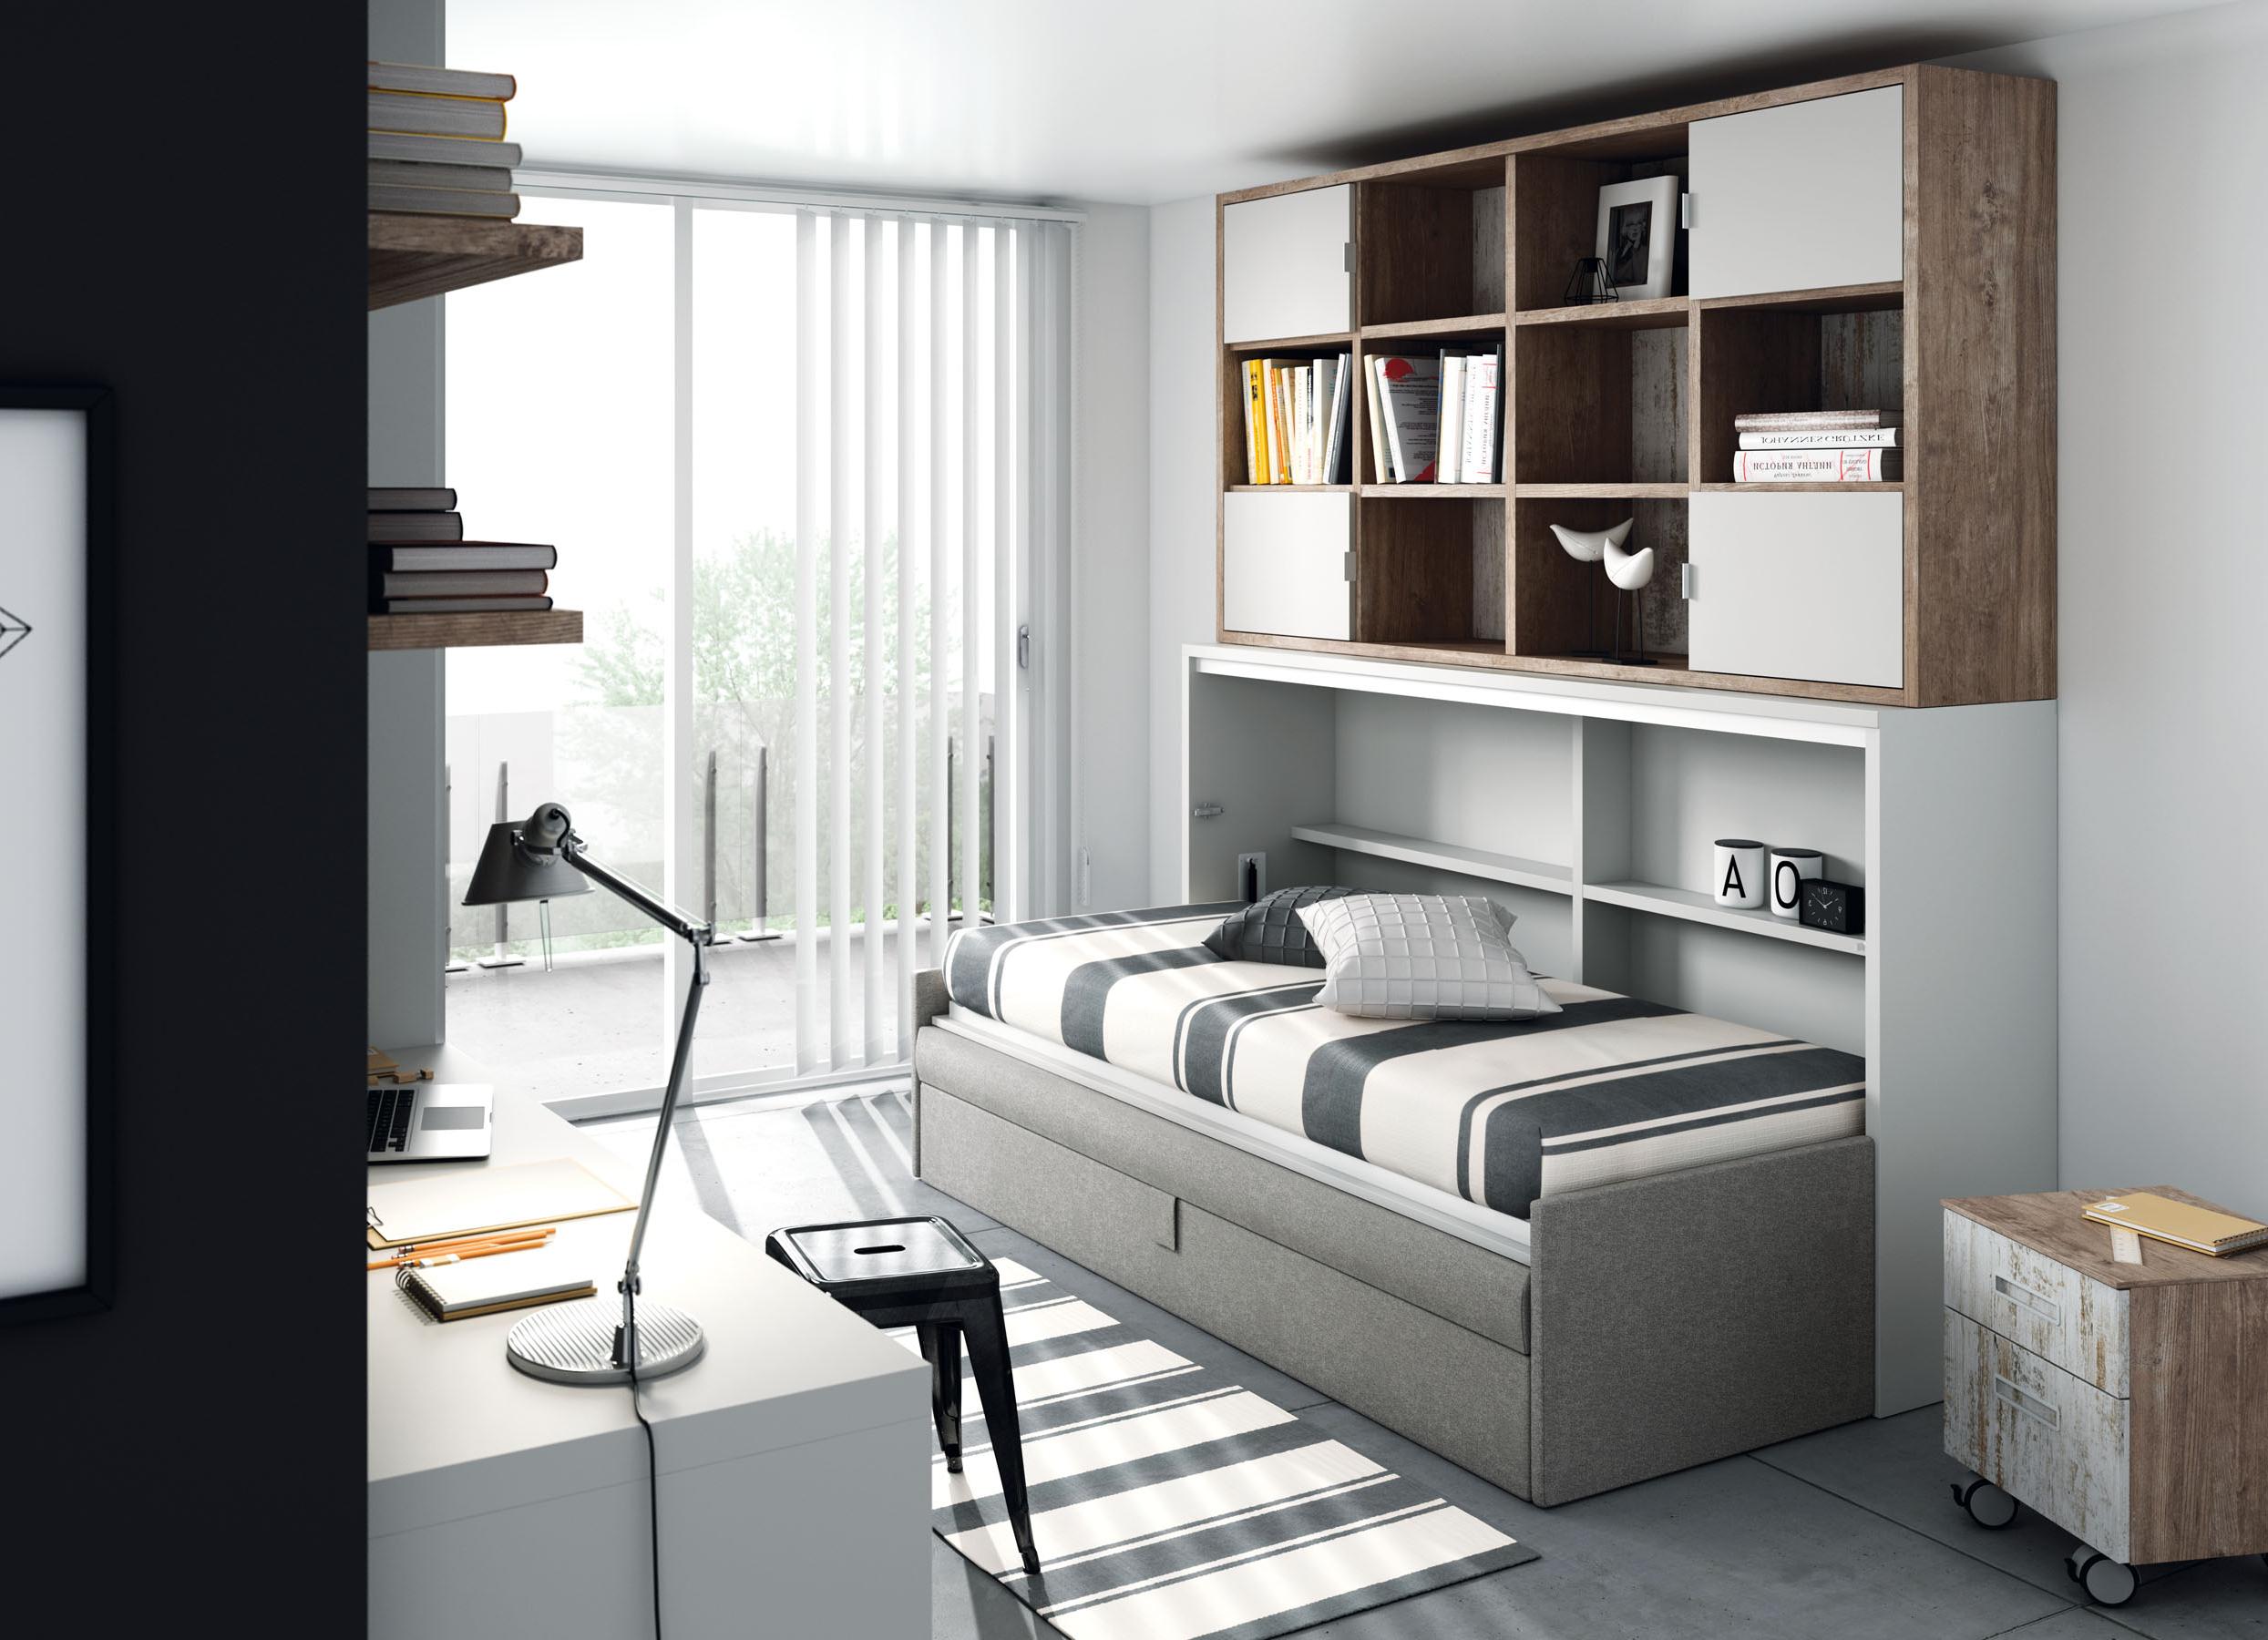 Sofa Cama Abatible Vertical Y7du Cama Abatible Horizontal Con sofà Muebles Xikara